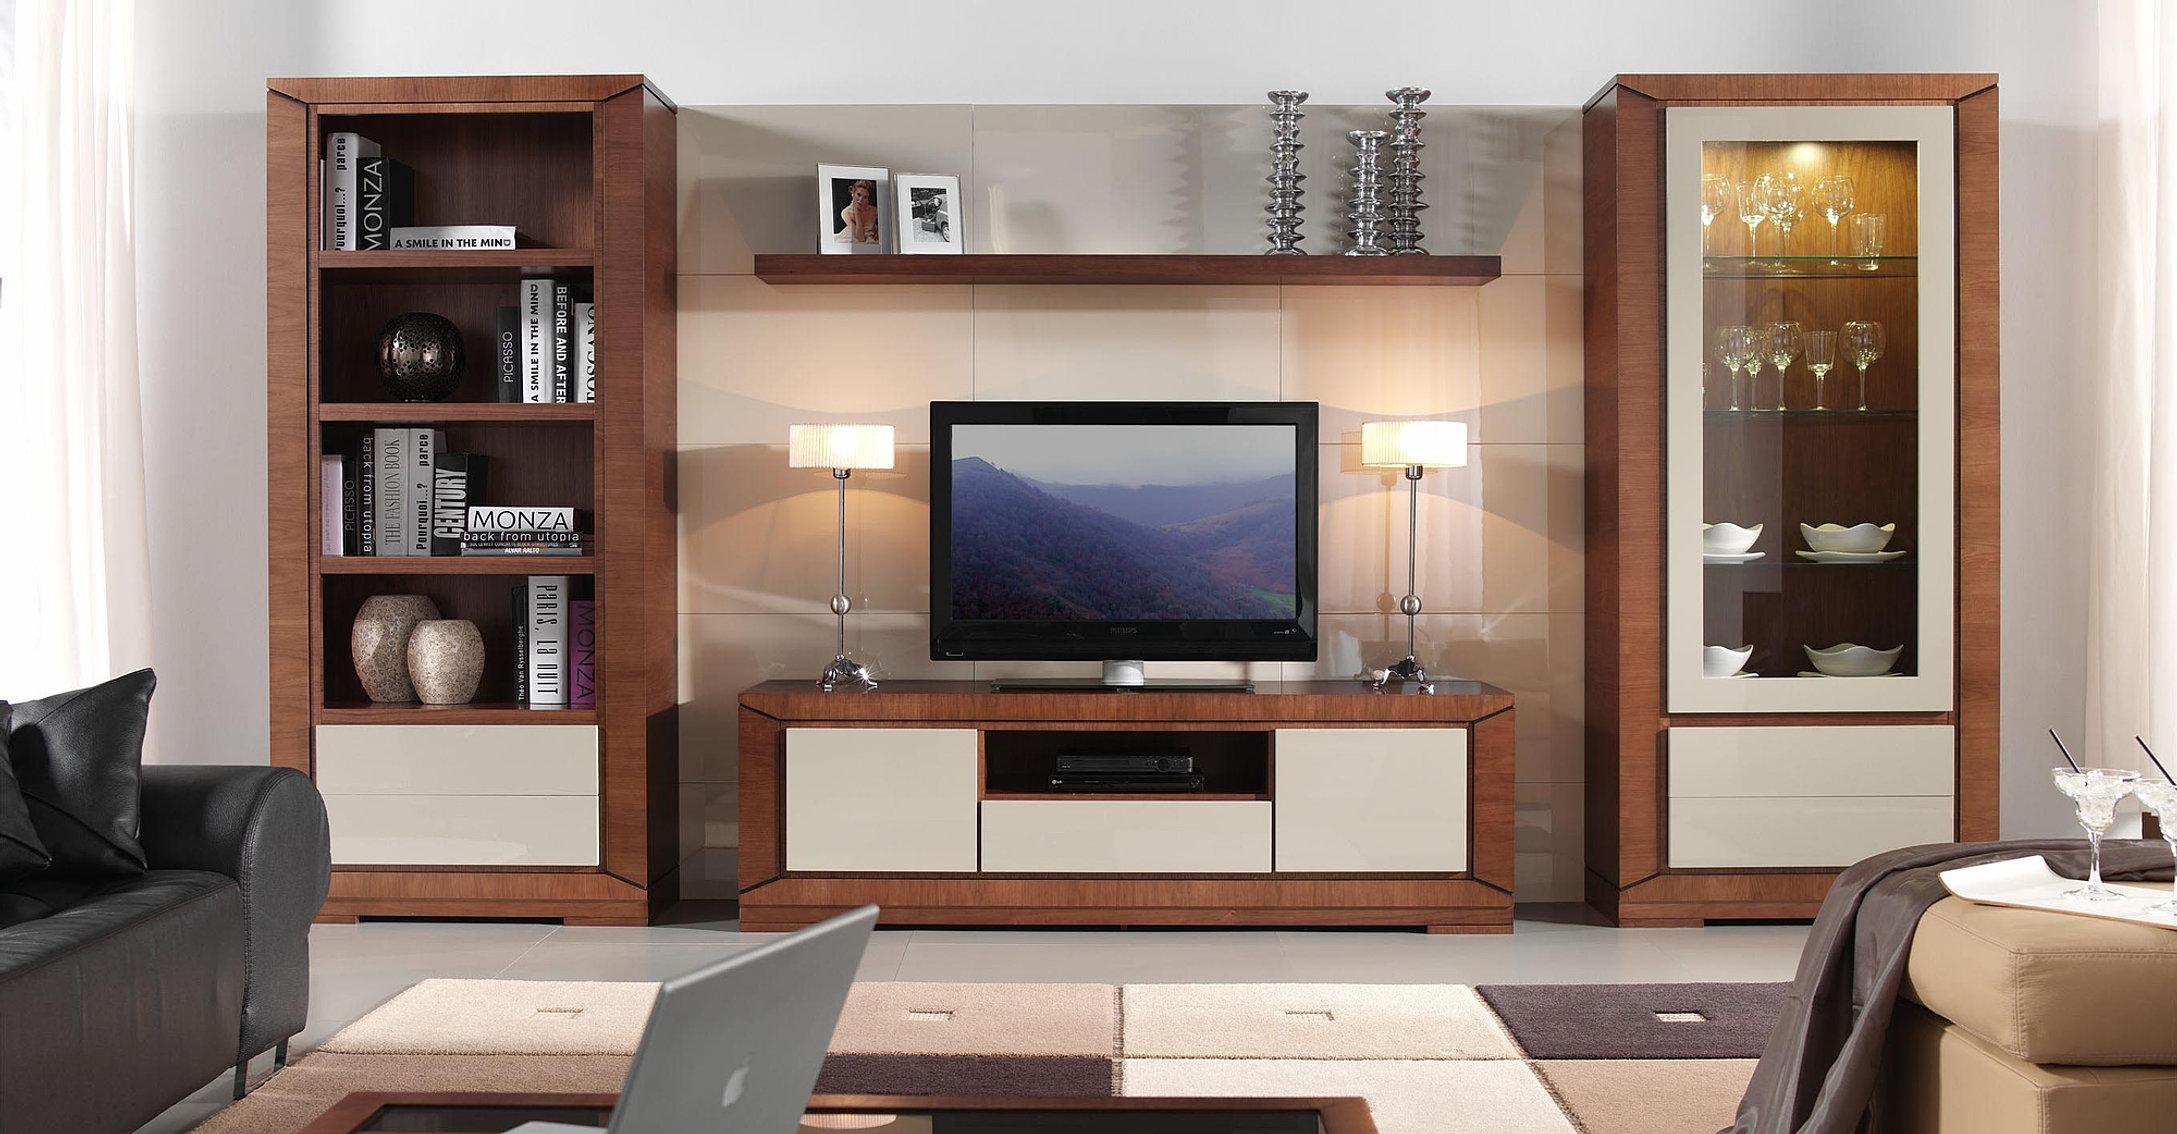 Muebles monen tienda de muebles en madrid - Muebles para restaurar madrid ...